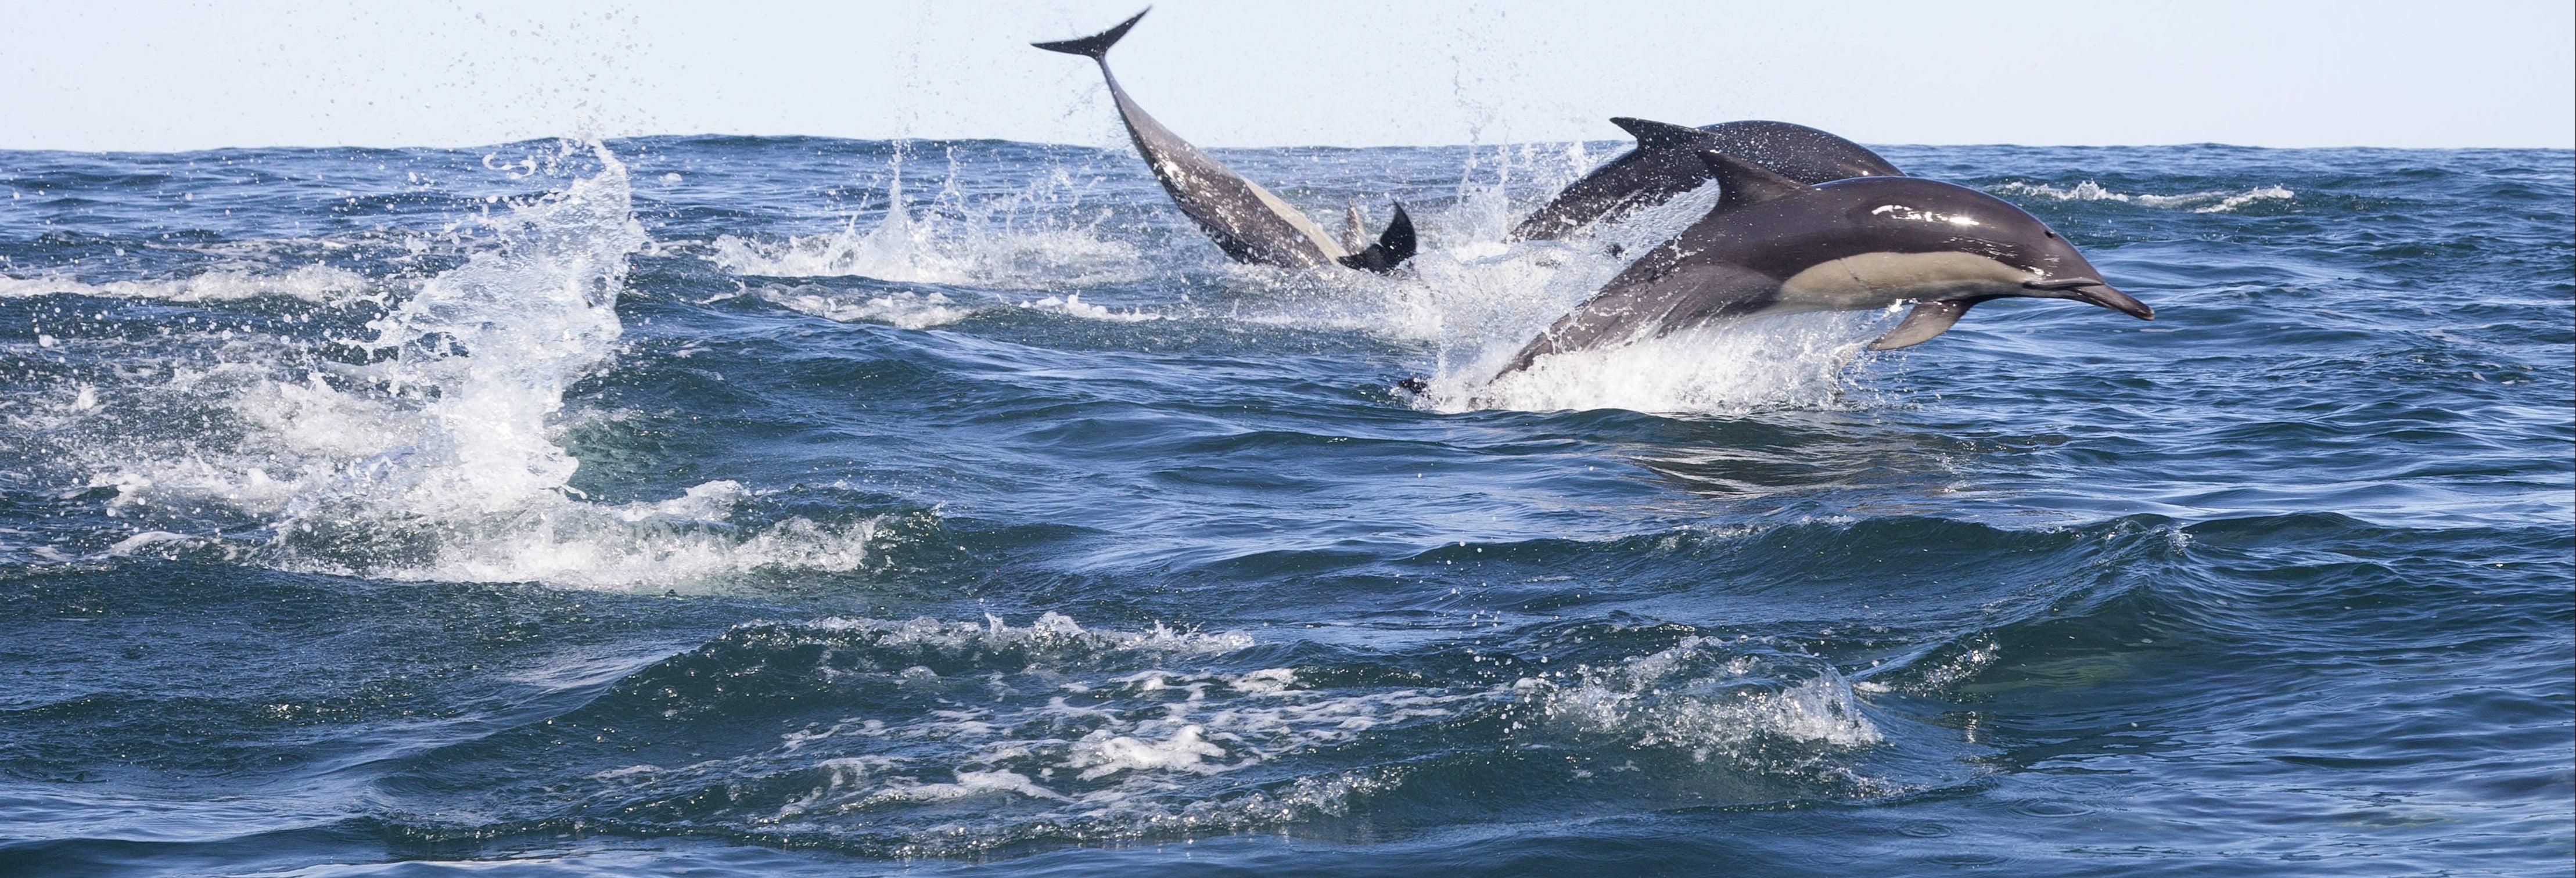 Avistamento de golfinhos em Addu